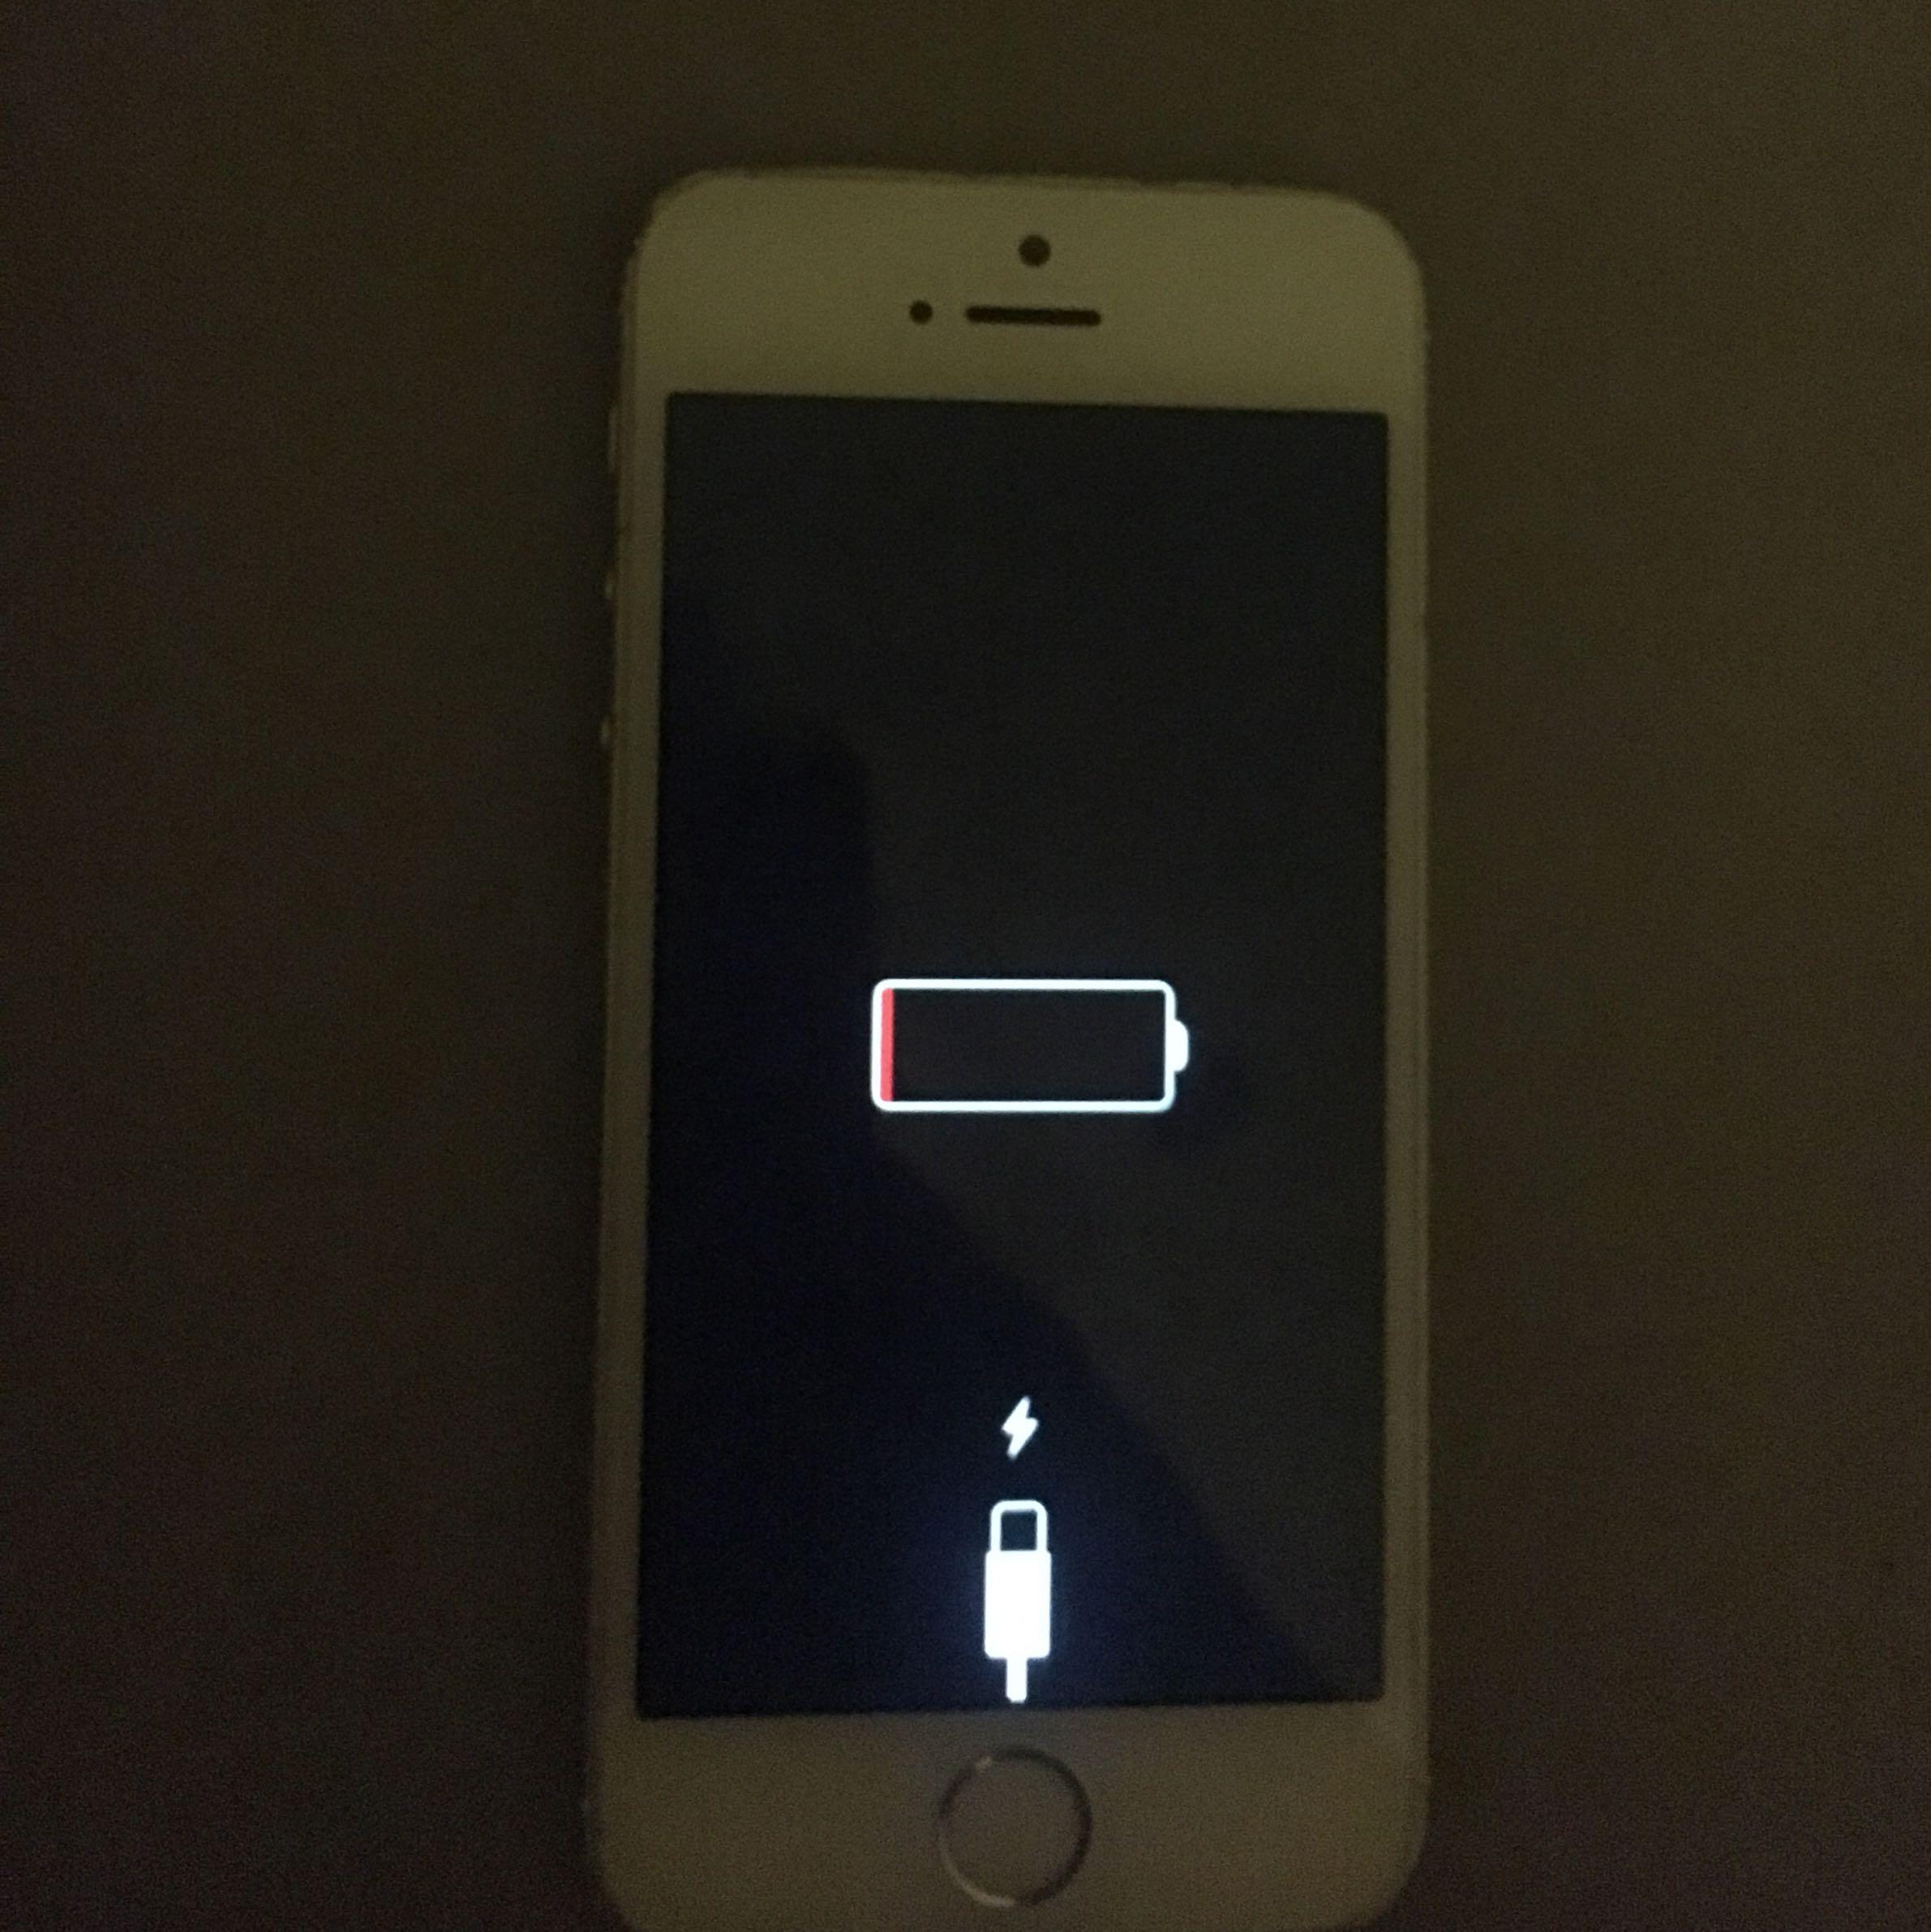 iphone display geht nicht an handy ist an